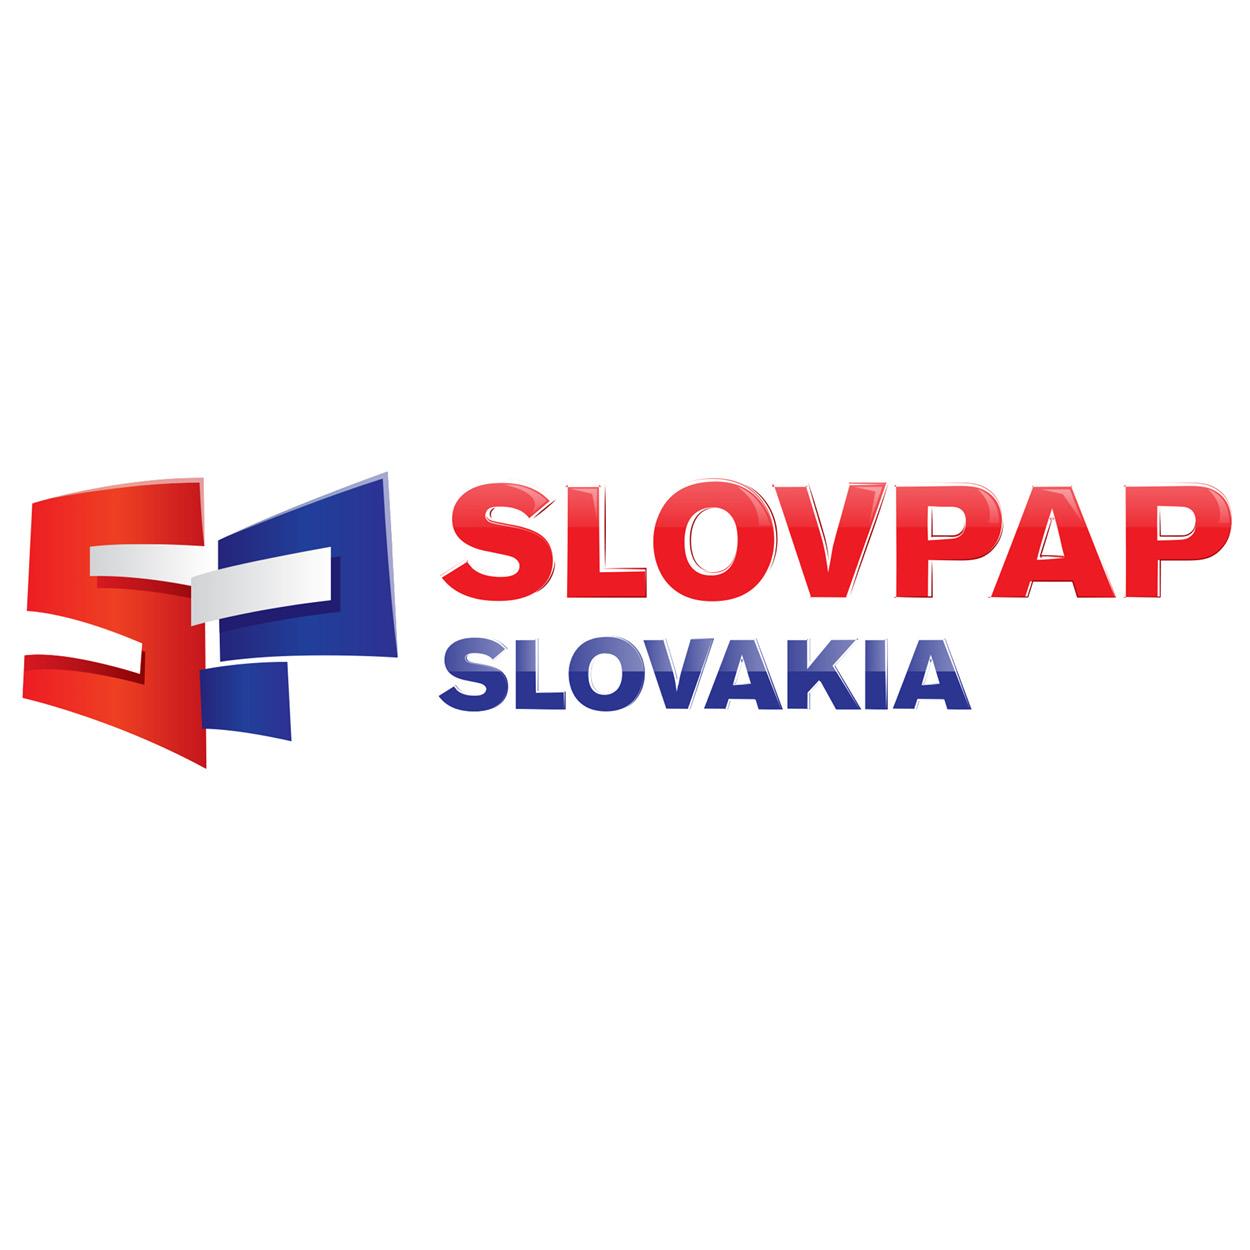 https://www.vkpbratislava.sk/wp-content/uploads/2020/10/slovpap-300x300-1.jpg